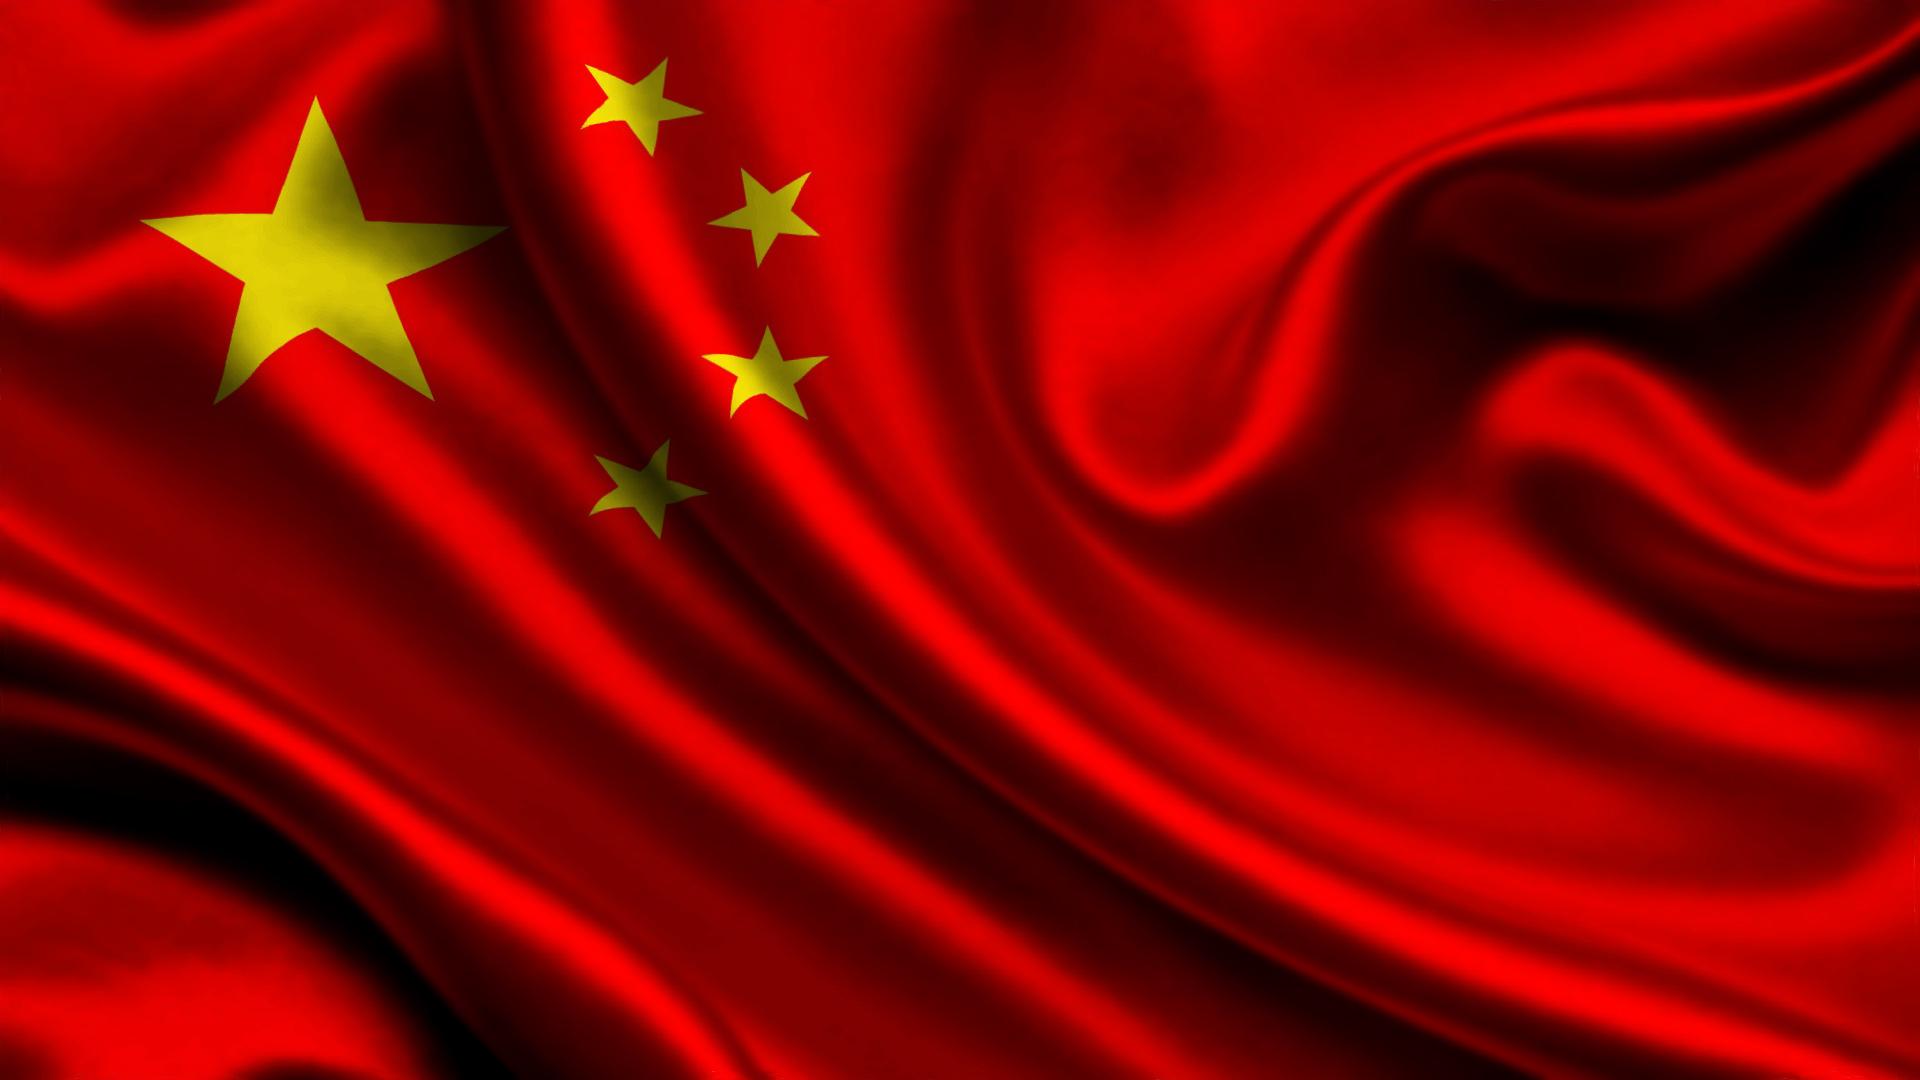 Консульская легализация для Китая - СПРАВКА ИНФОРМ | SpravkaInform.com.ua